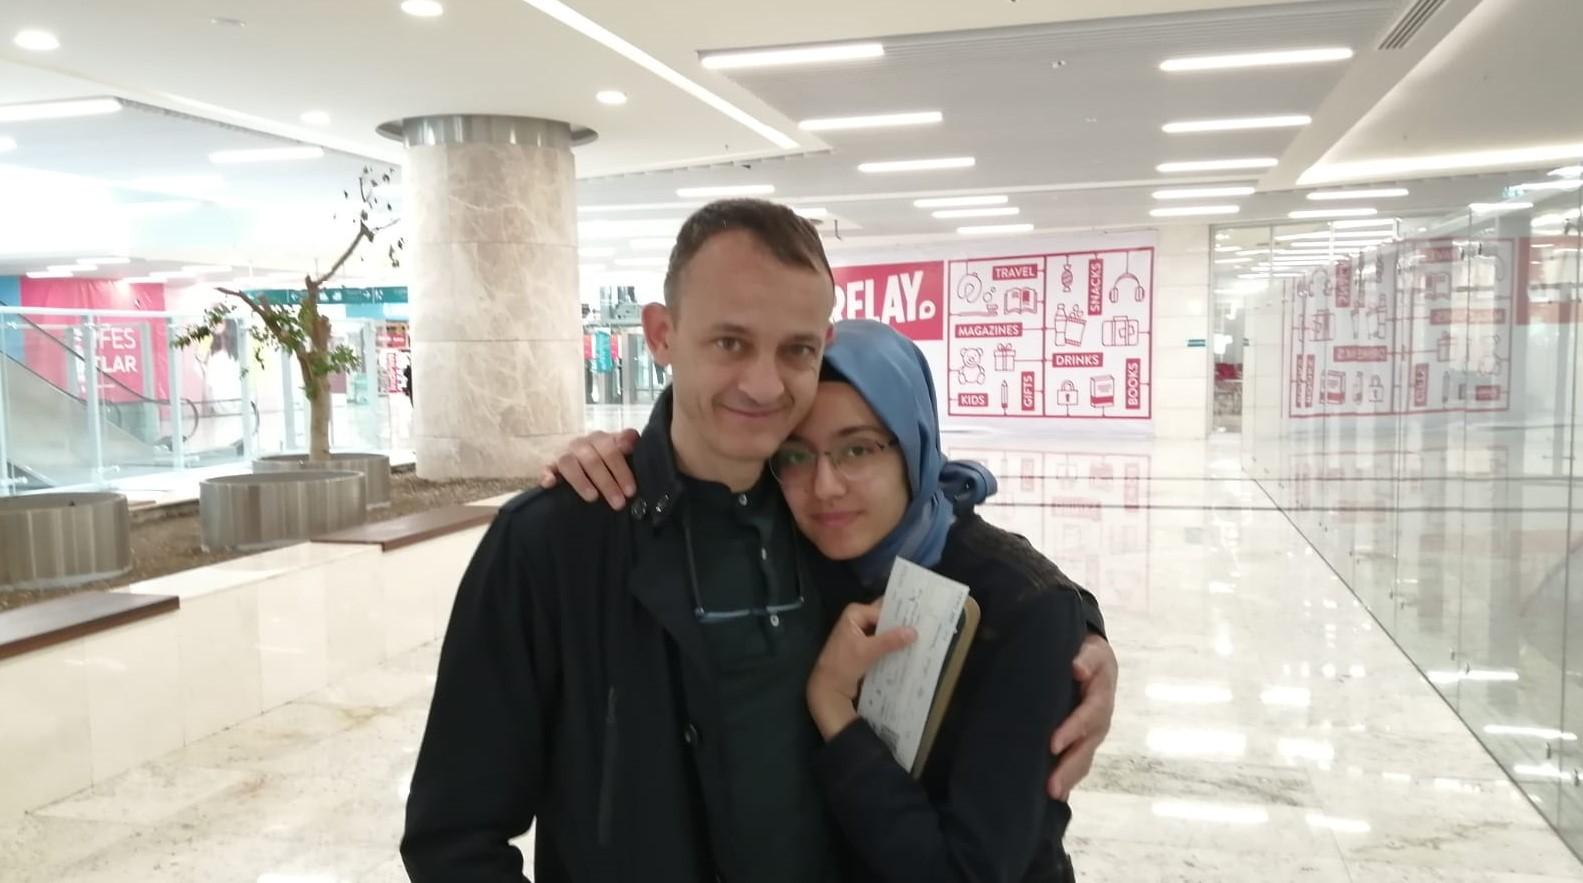 Hüseyin Galip Küçüközyiğit mit seiner Tochter © Privat